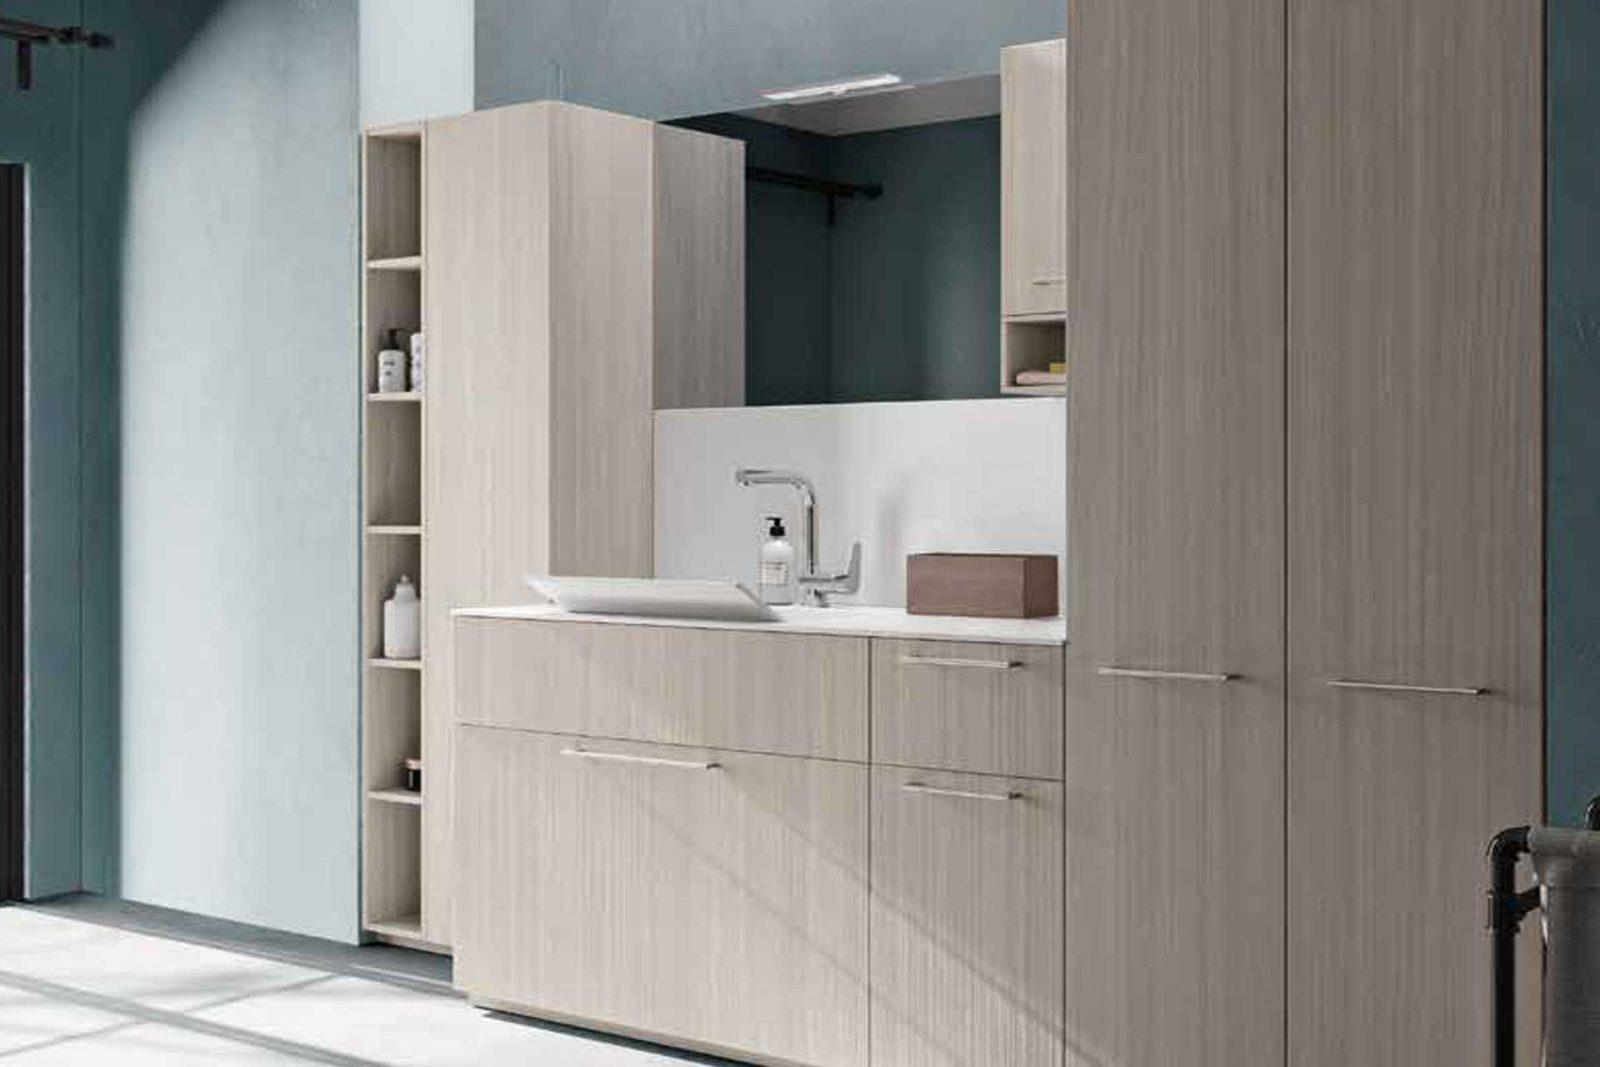 Colonna Per Lavatrice E Asciugatrice lavanderia , lavanderia domestica, stireria, locali di servizio